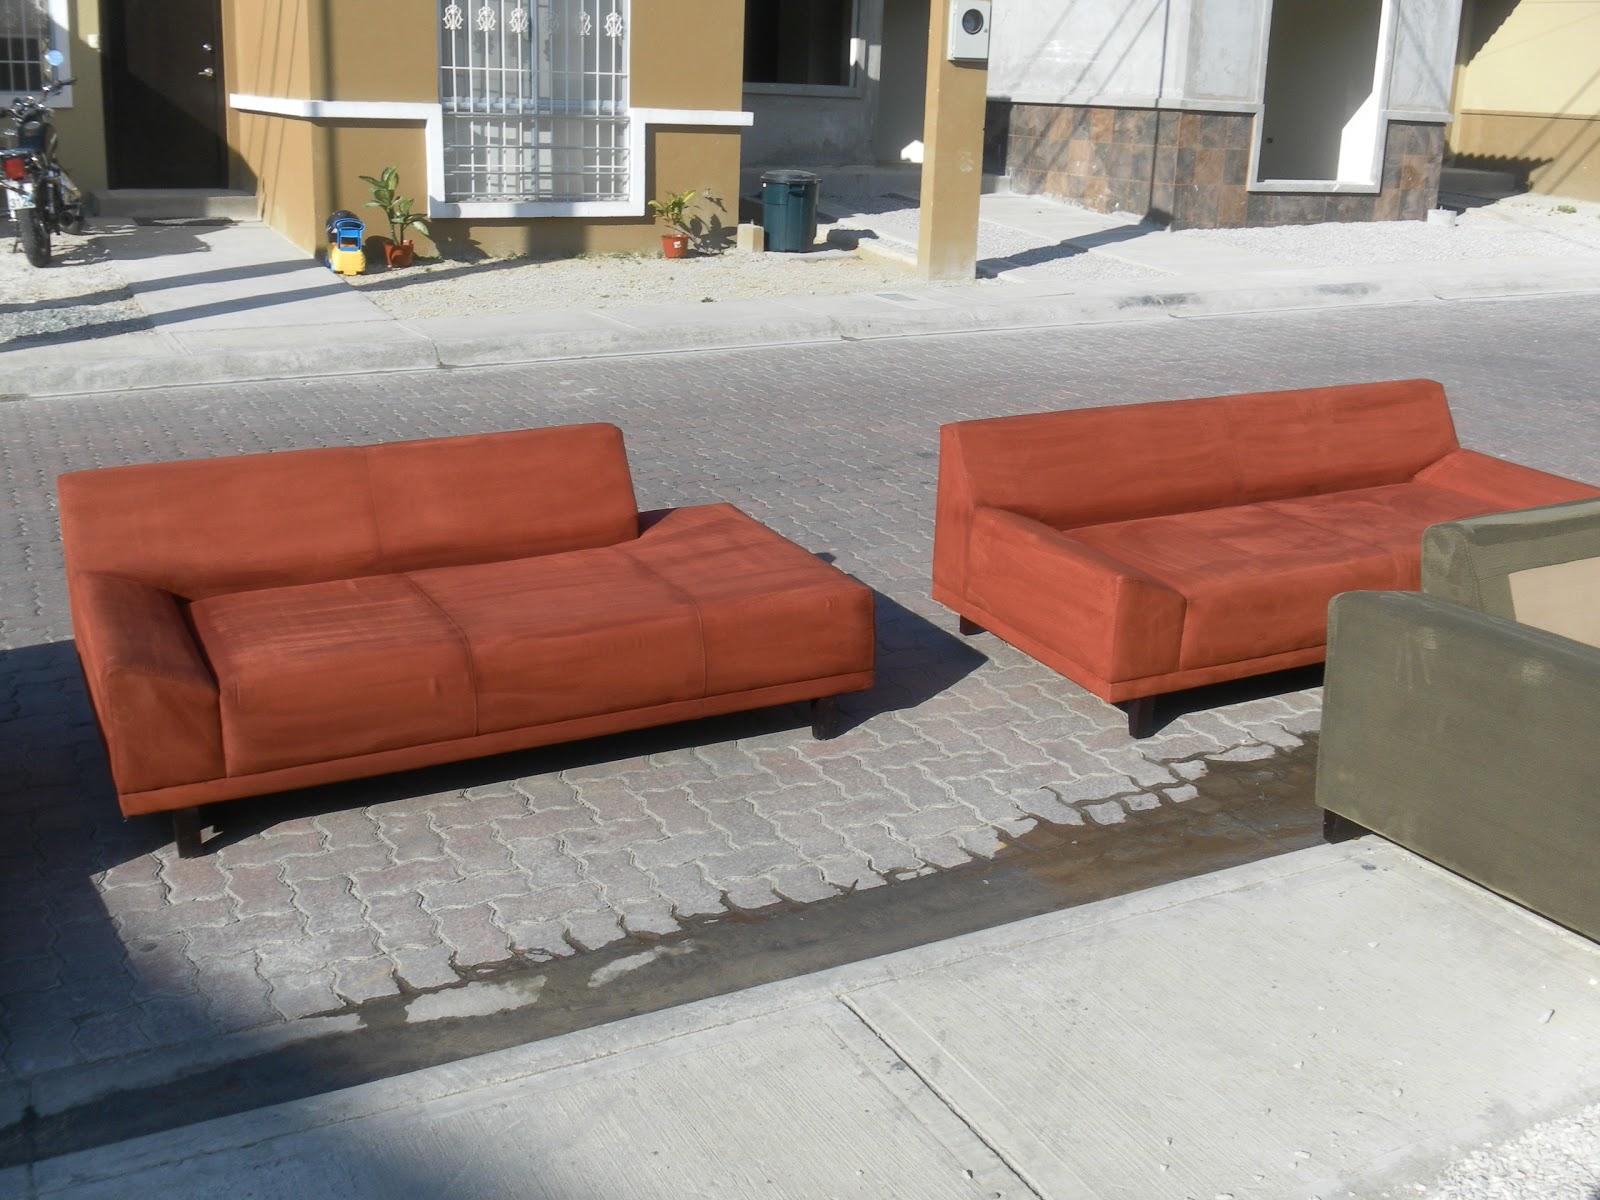 Limpieza de muebles colchones alfombras sillas en etc - Lacados de muebles ...